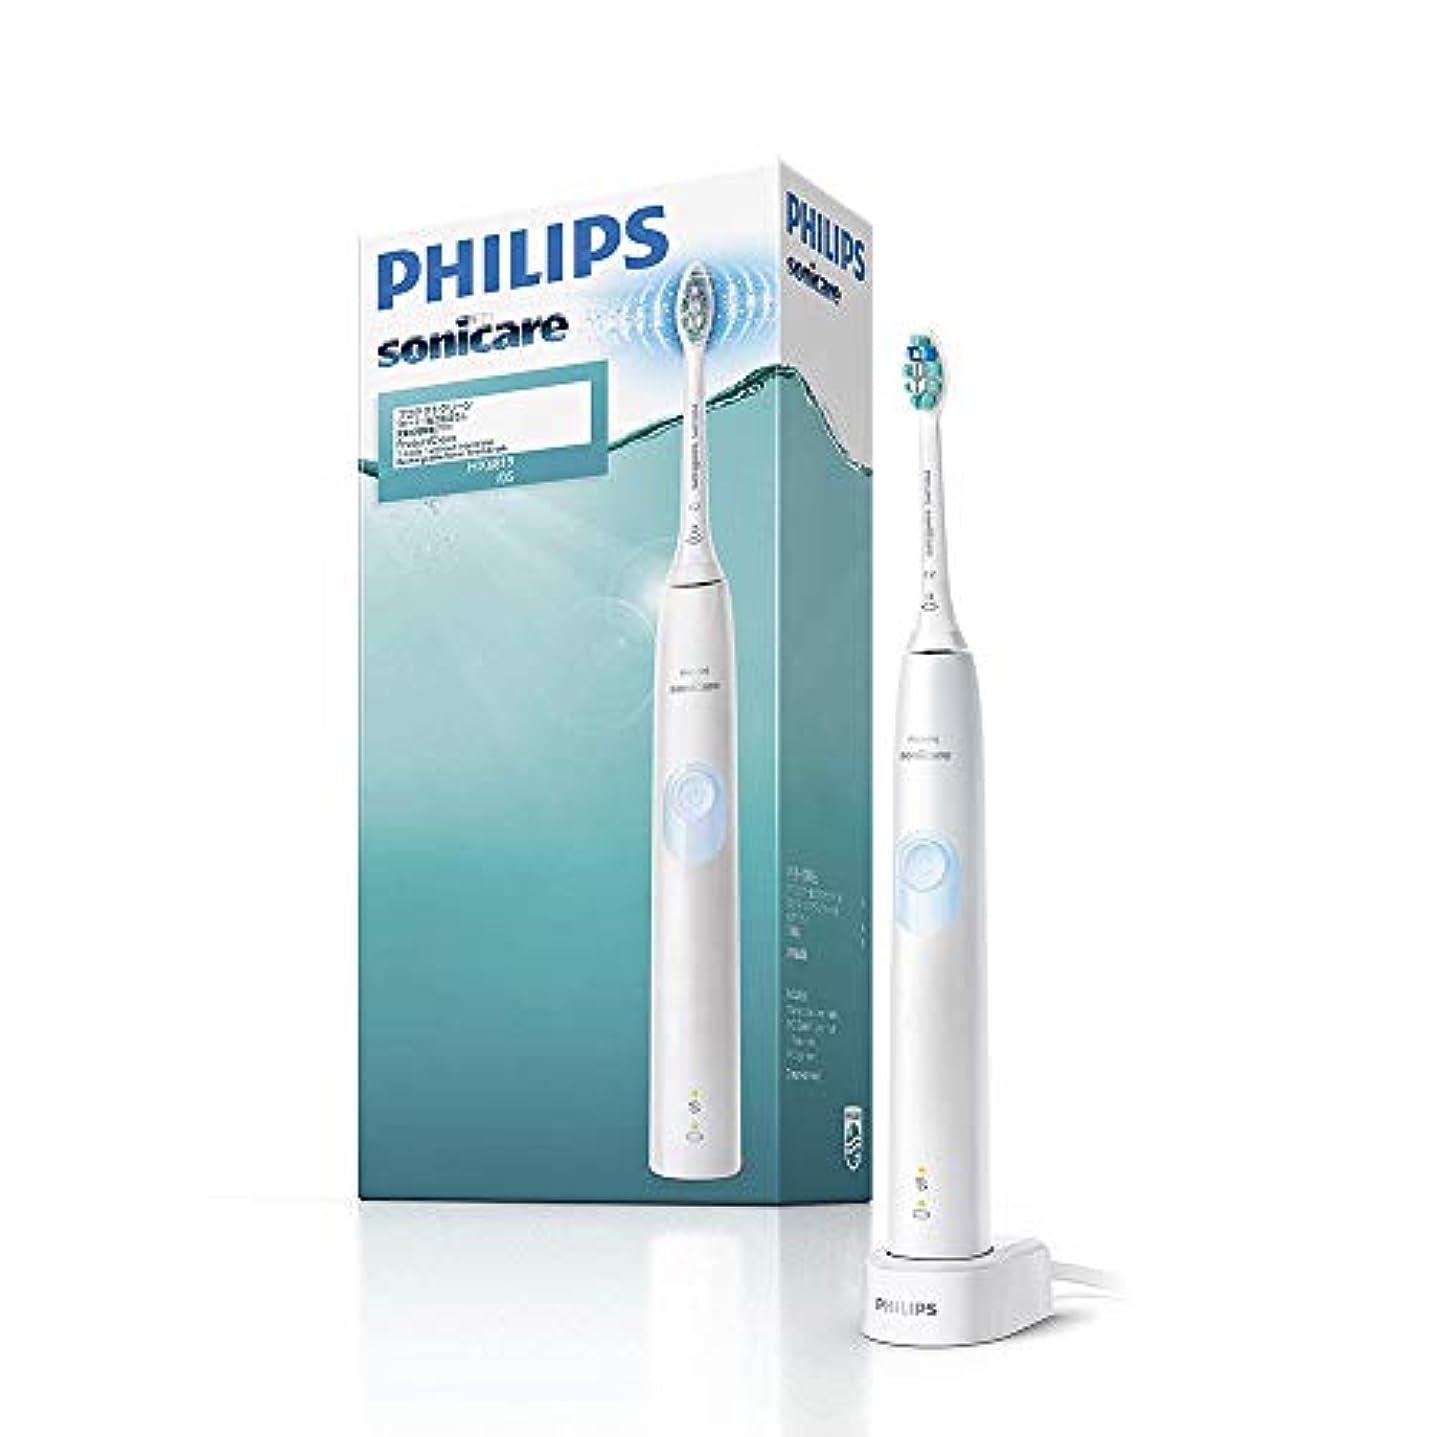 維持するドキドキ含む【Amazon.co.jp限定】フィリップス ソニッケアー プロテクトクリーン ホワイトライトブルー 電動歯ブラシ 強さ設定なし HX6819/05